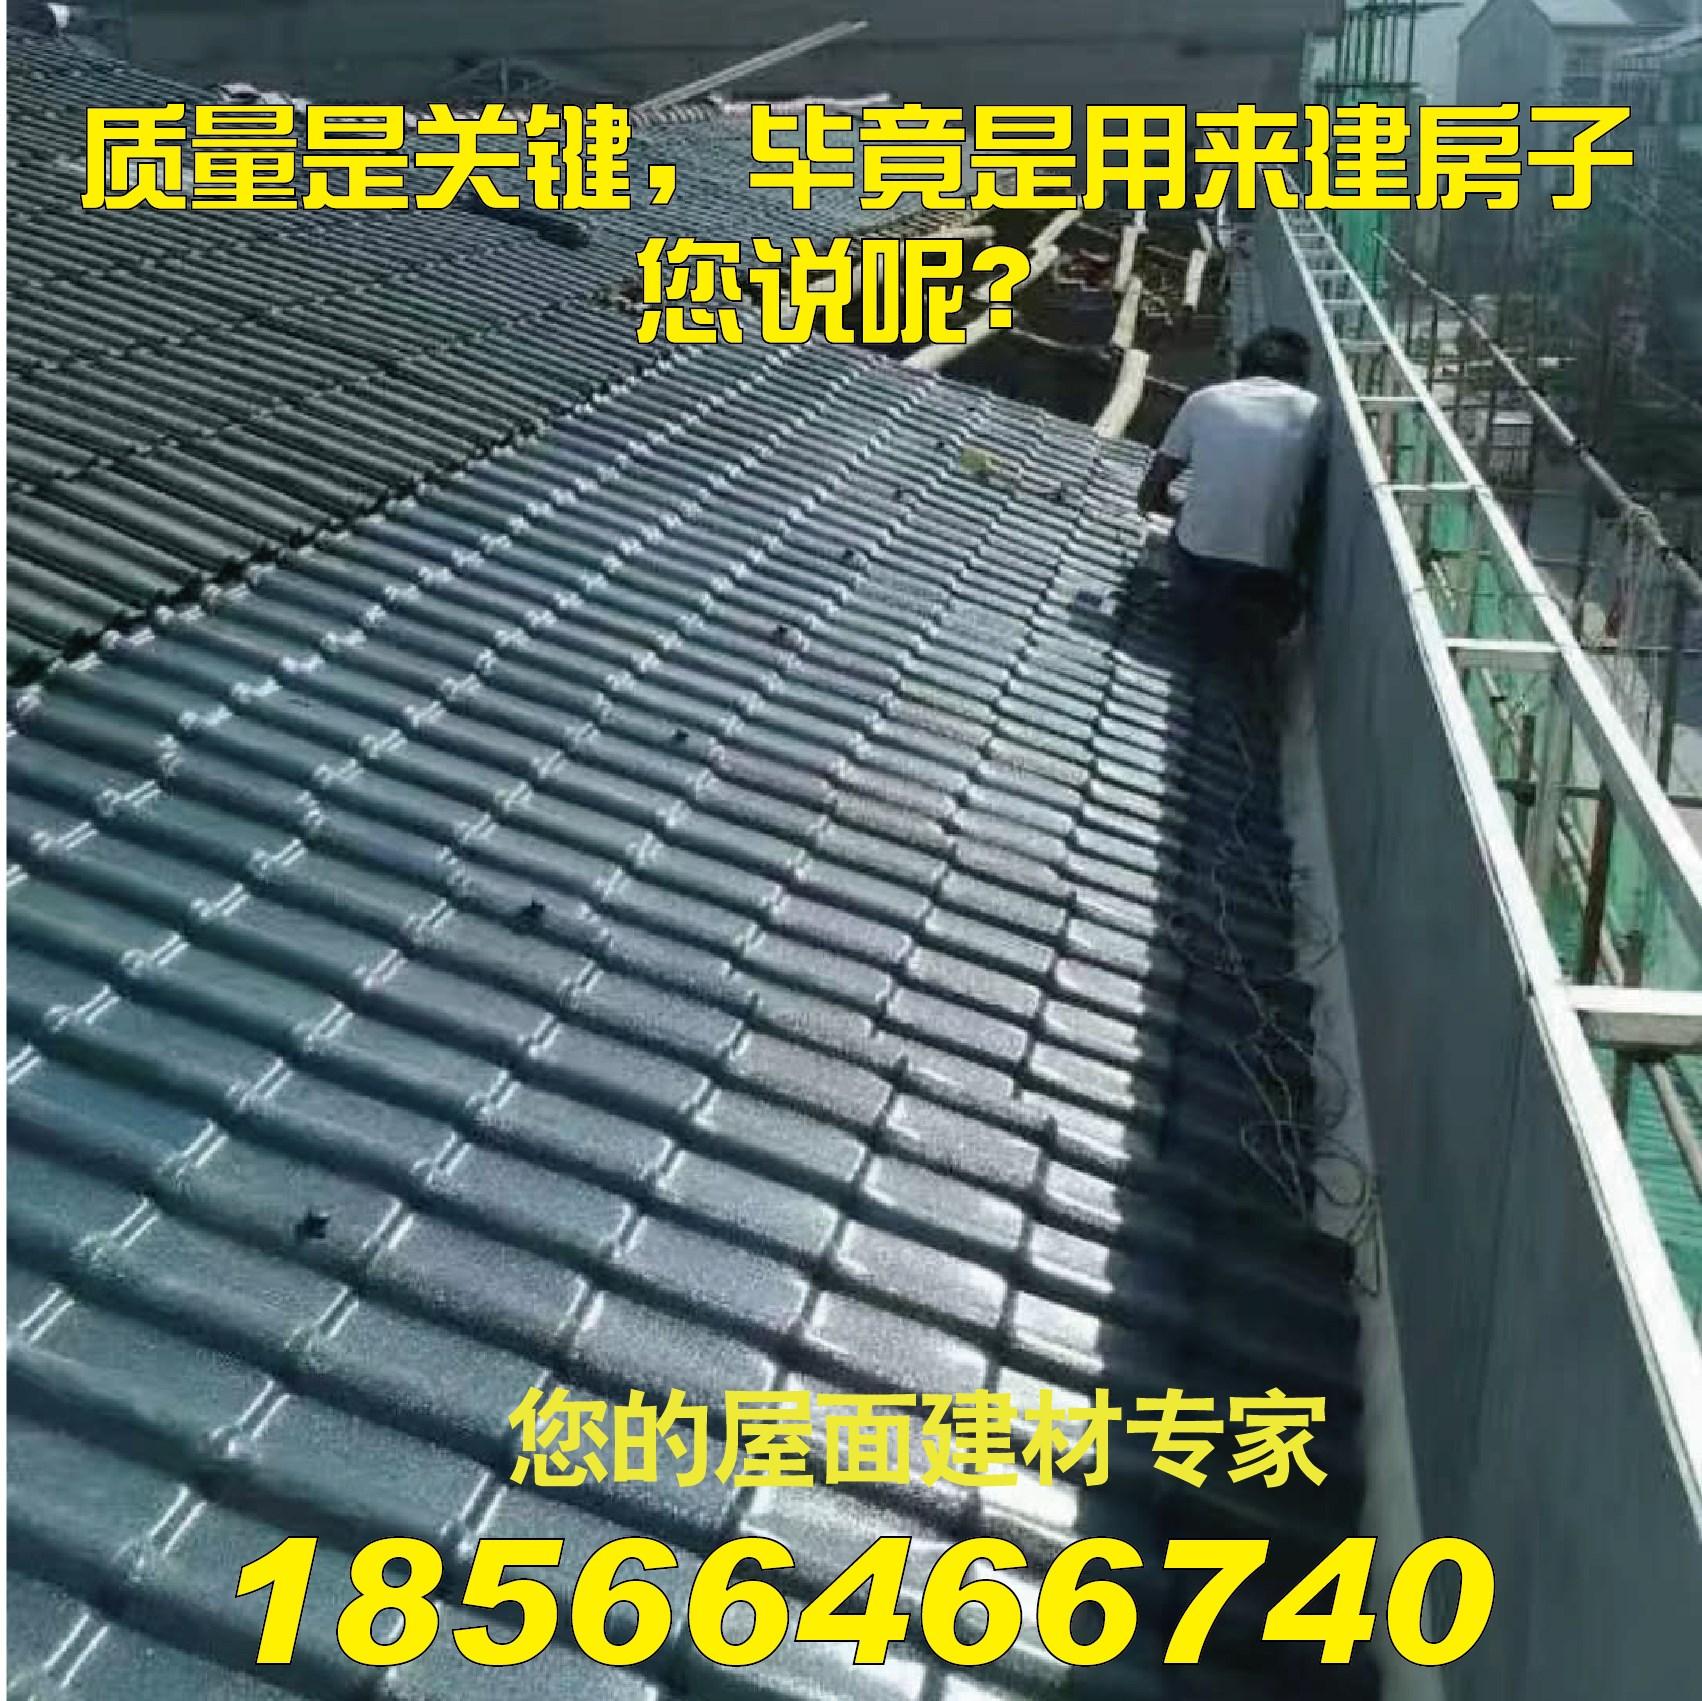 坡屋顶装饰瓦 耐腐耐压优质ASA合成树脂瓦  厂家直销